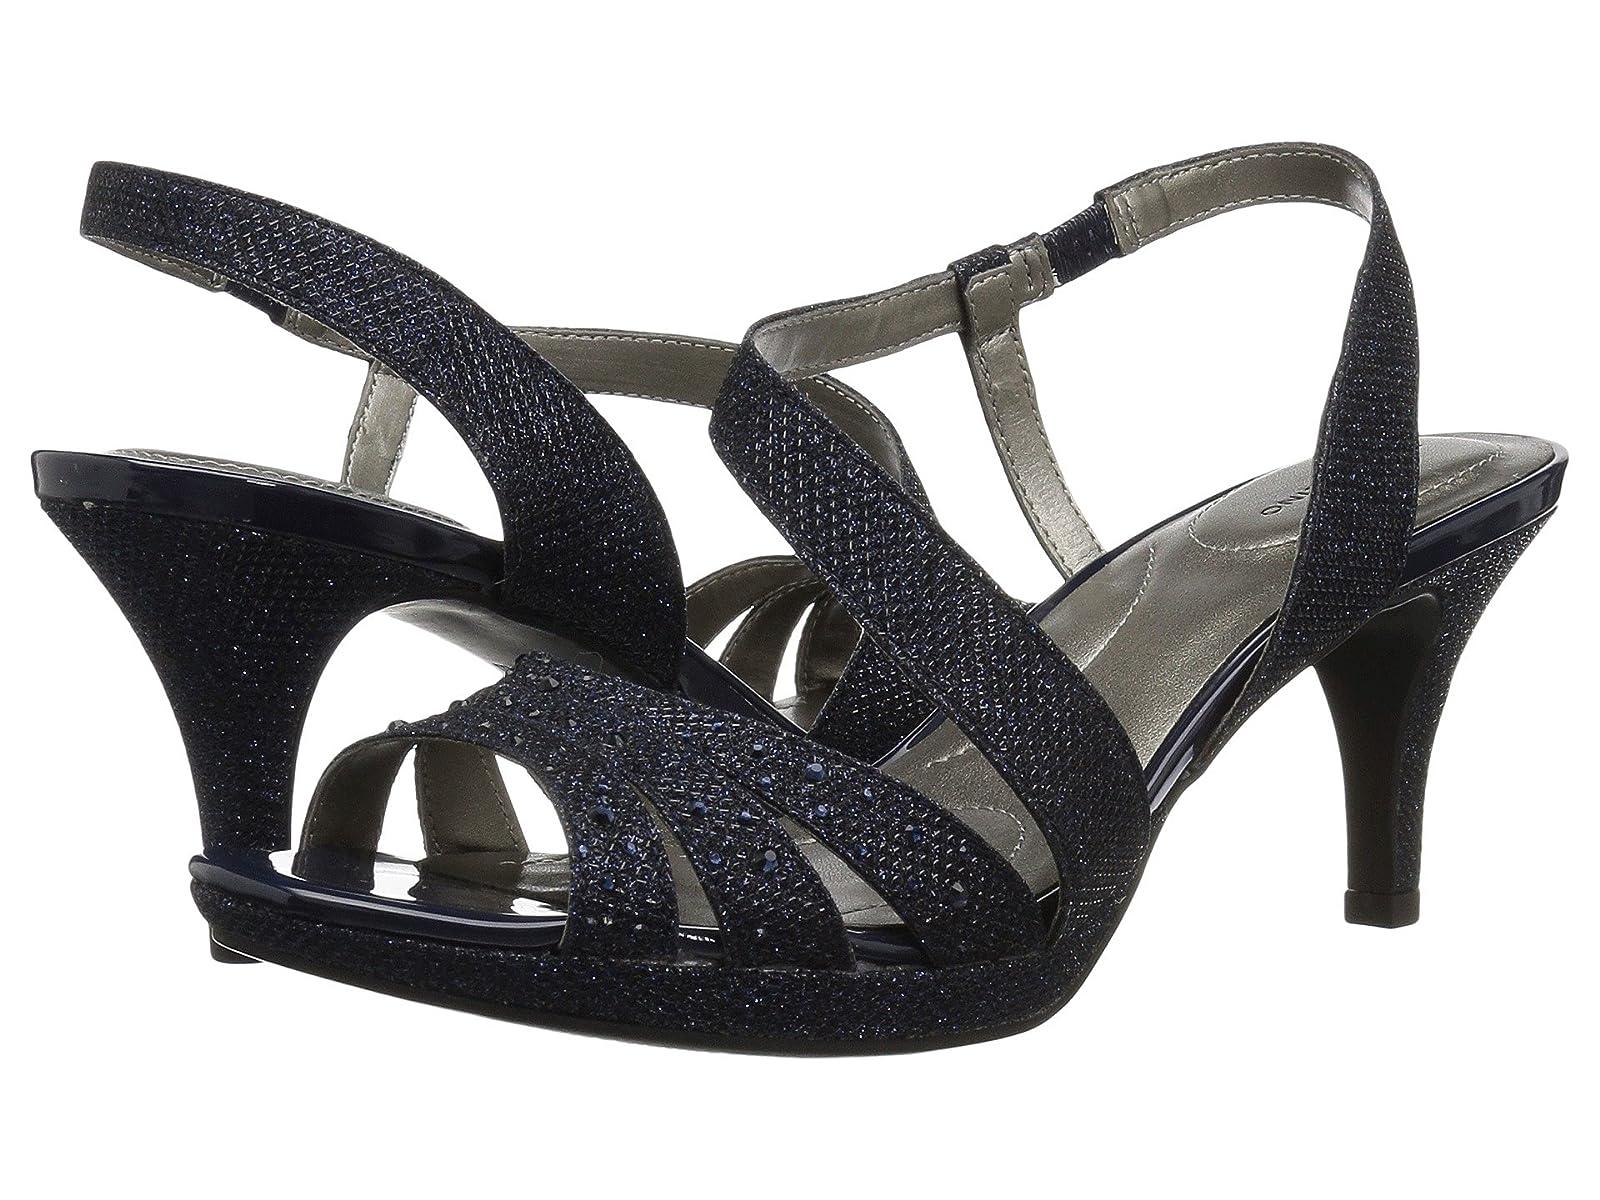 Bandolino KadsheAtmospheric grades have affordable shoes